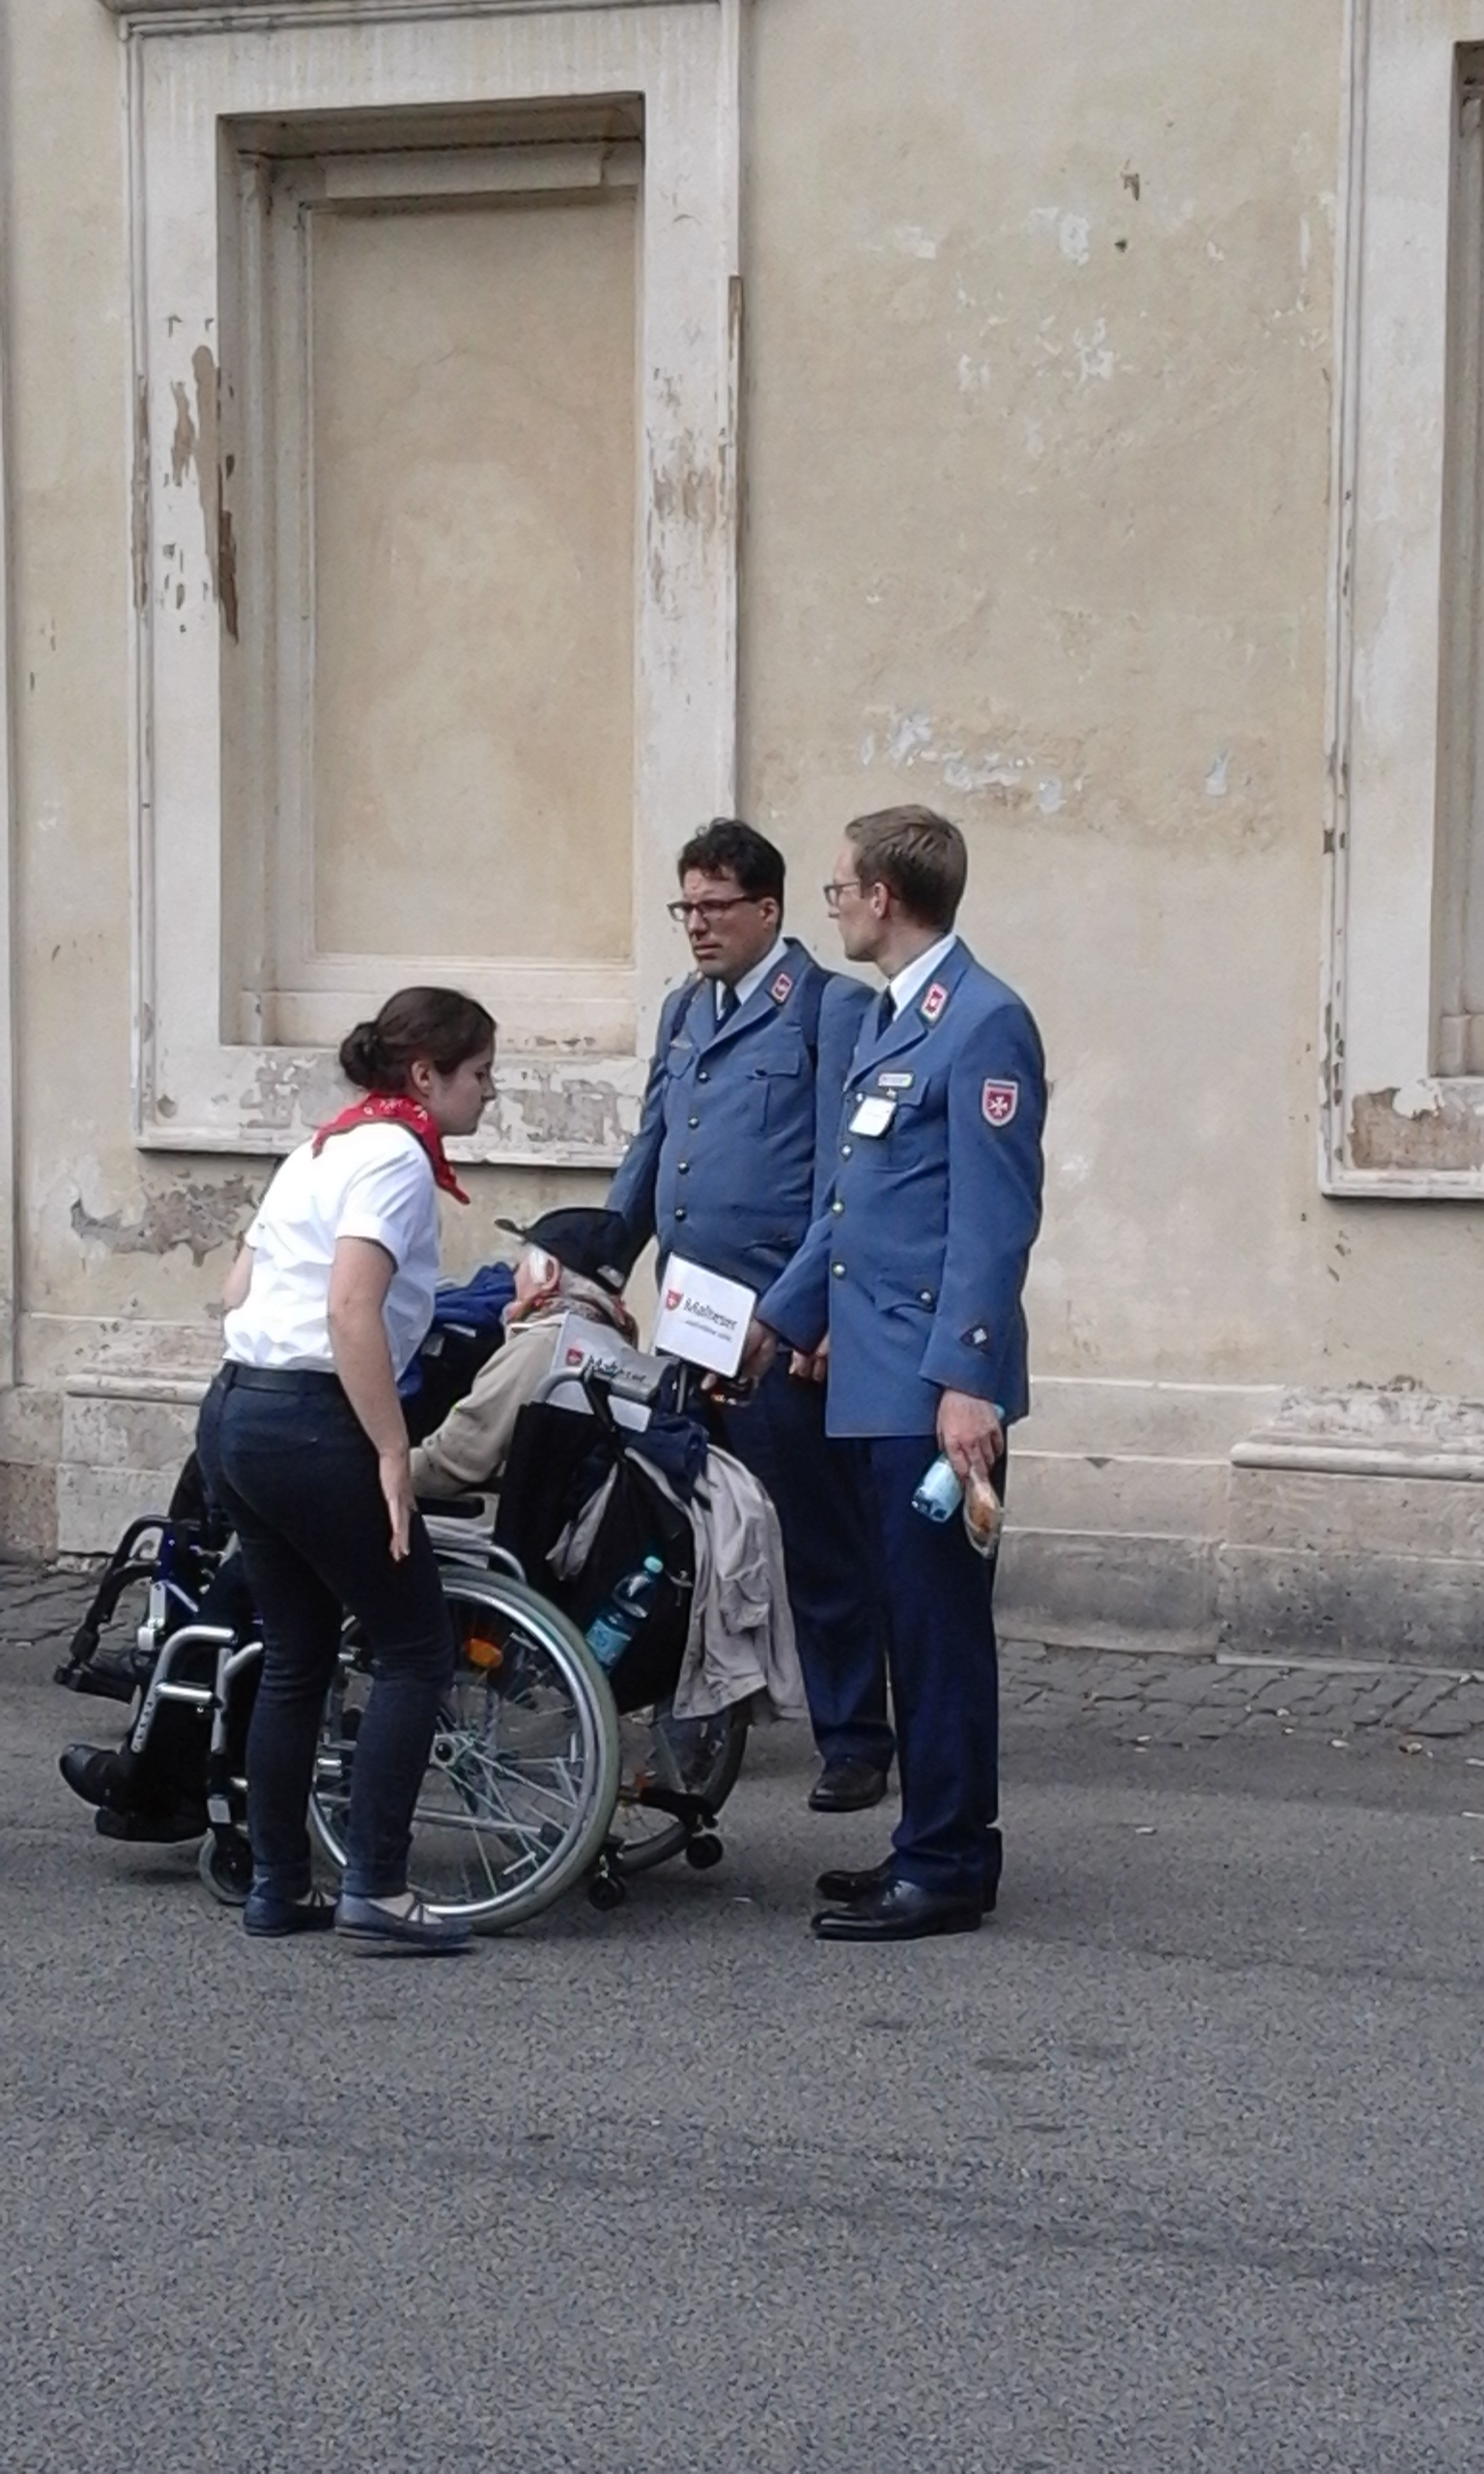 Order of Malta - Aventino - Rome private guide